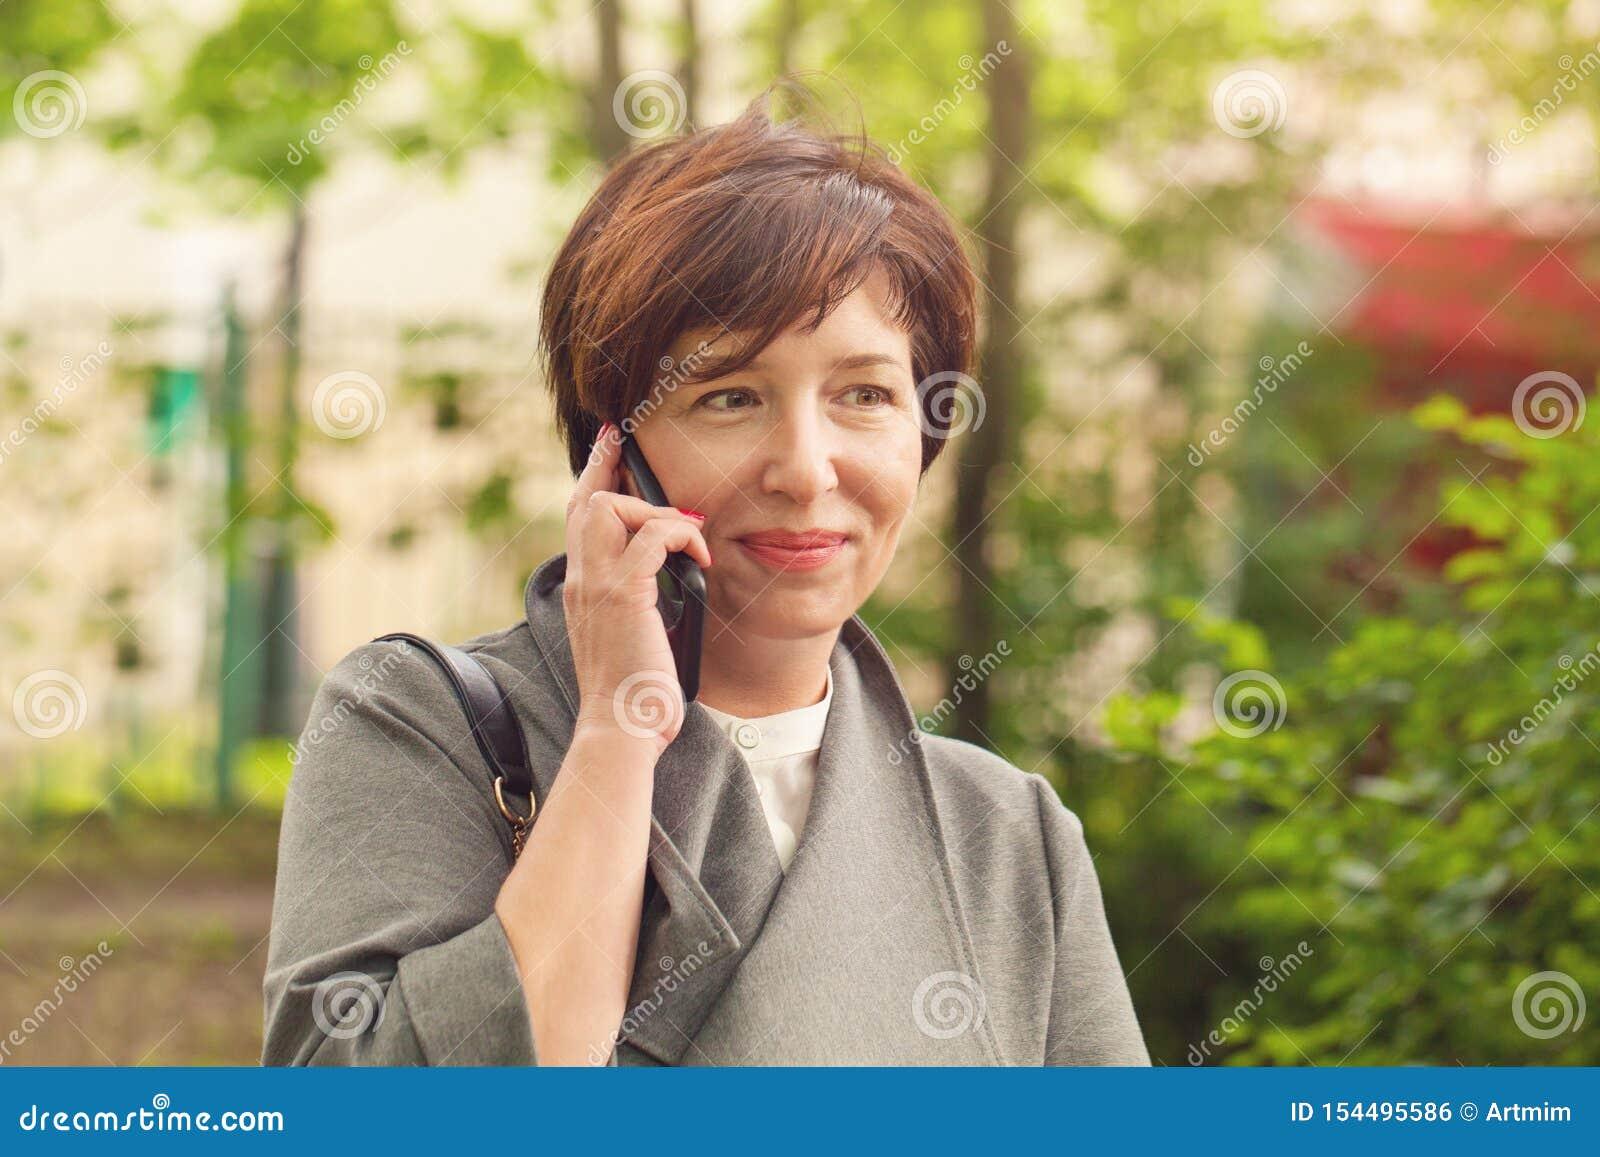 Αρκετά ώριμο τηλέφωνο γυναικών, υπαίθρια πορτρέτο